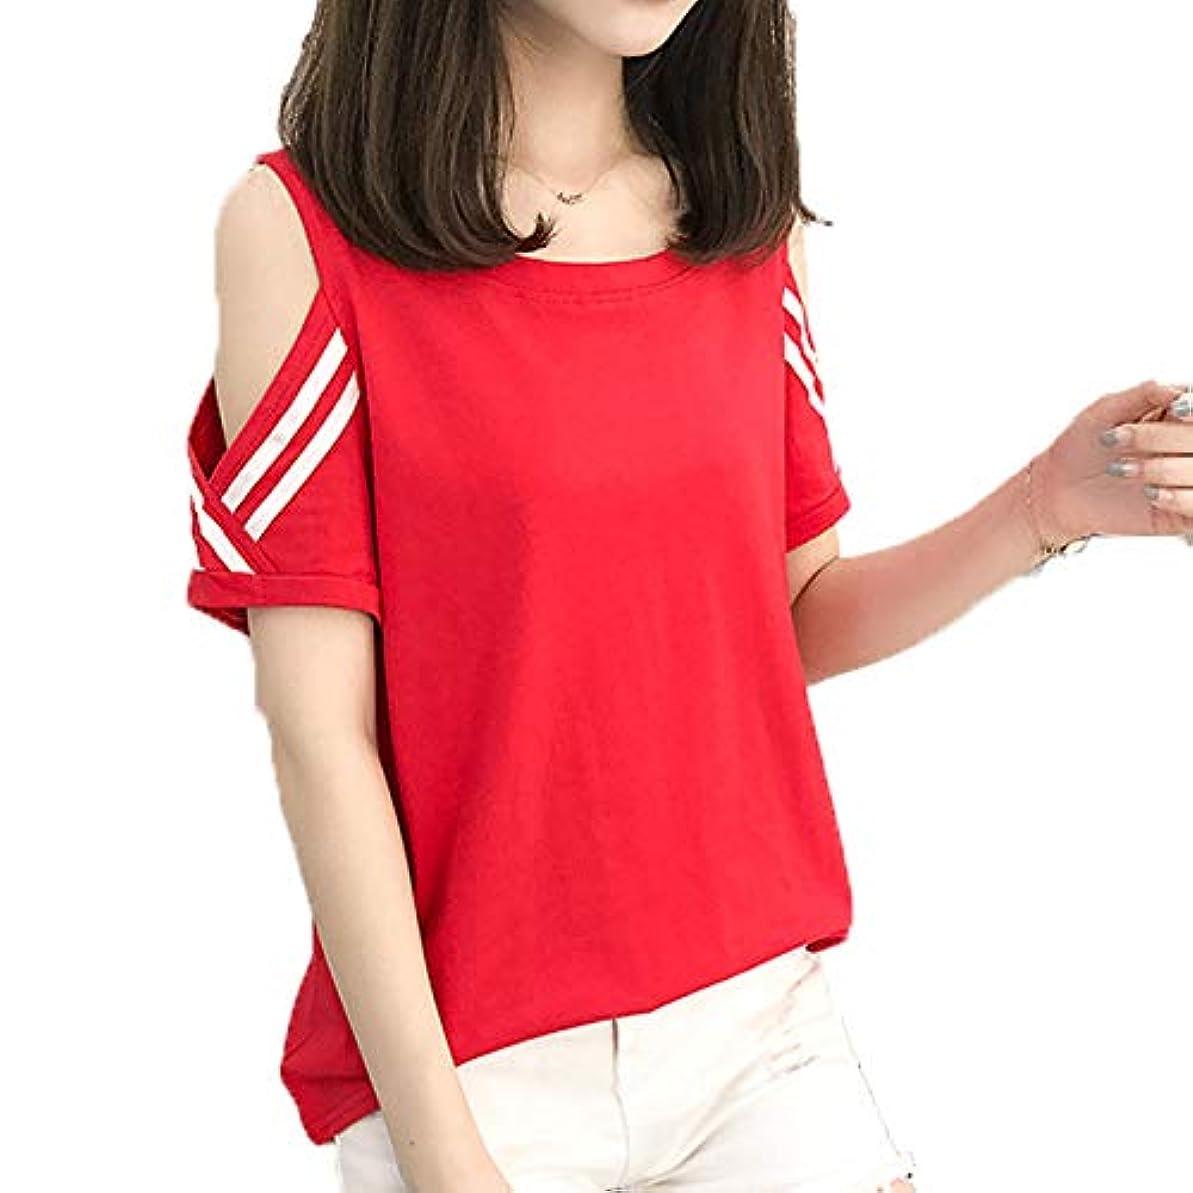 みすぼらしいでも略す[ココチエ] Tシャツ ライン プルオーバー レディース 肩出し 半袖 かっこいい かわいい おしゃれ レッド イエロー ホワイト